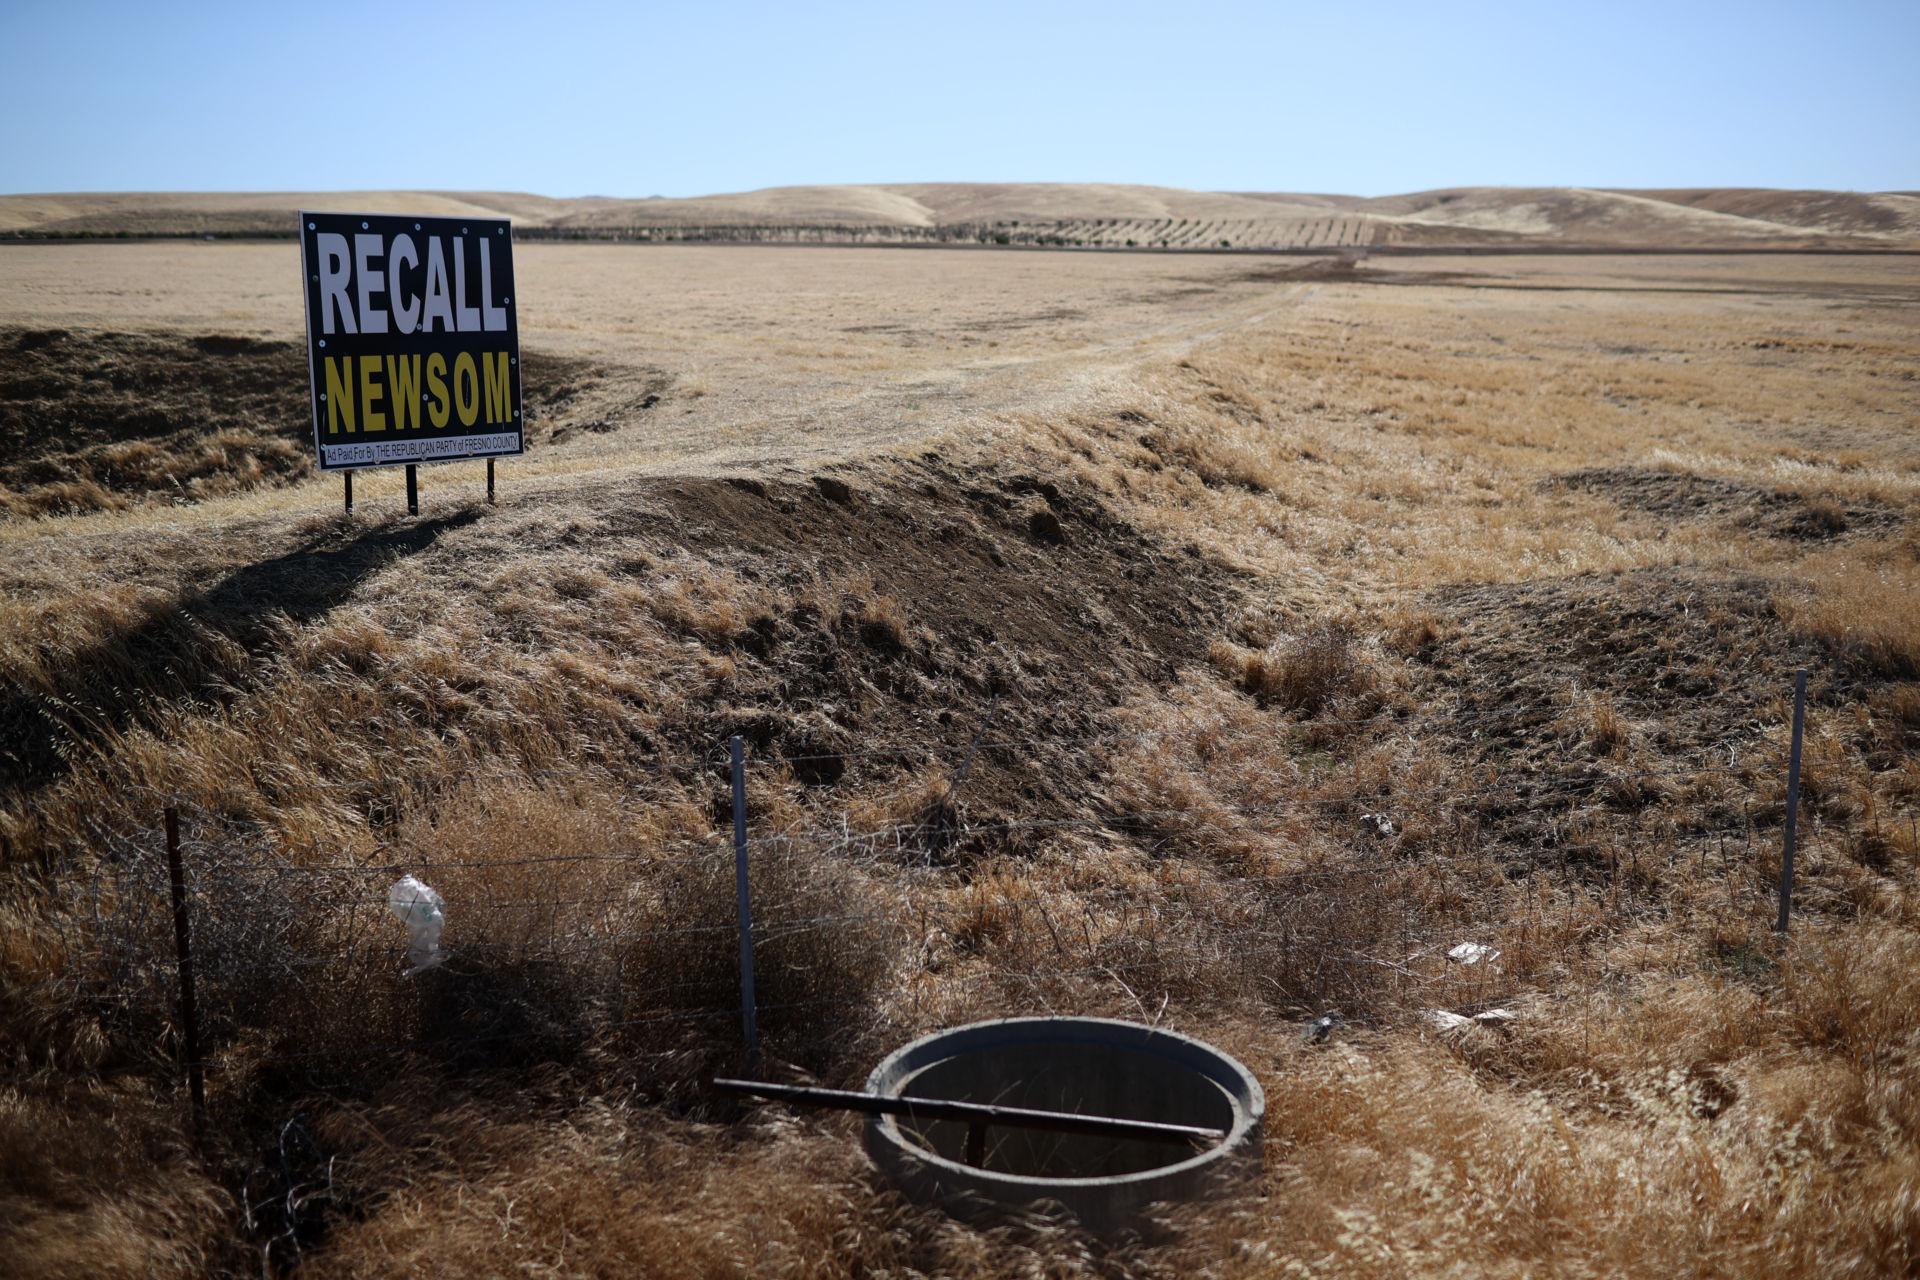 Các quận hạt bảo thủ Nam California 'không mặn mà' bãi nhiệm Newsom